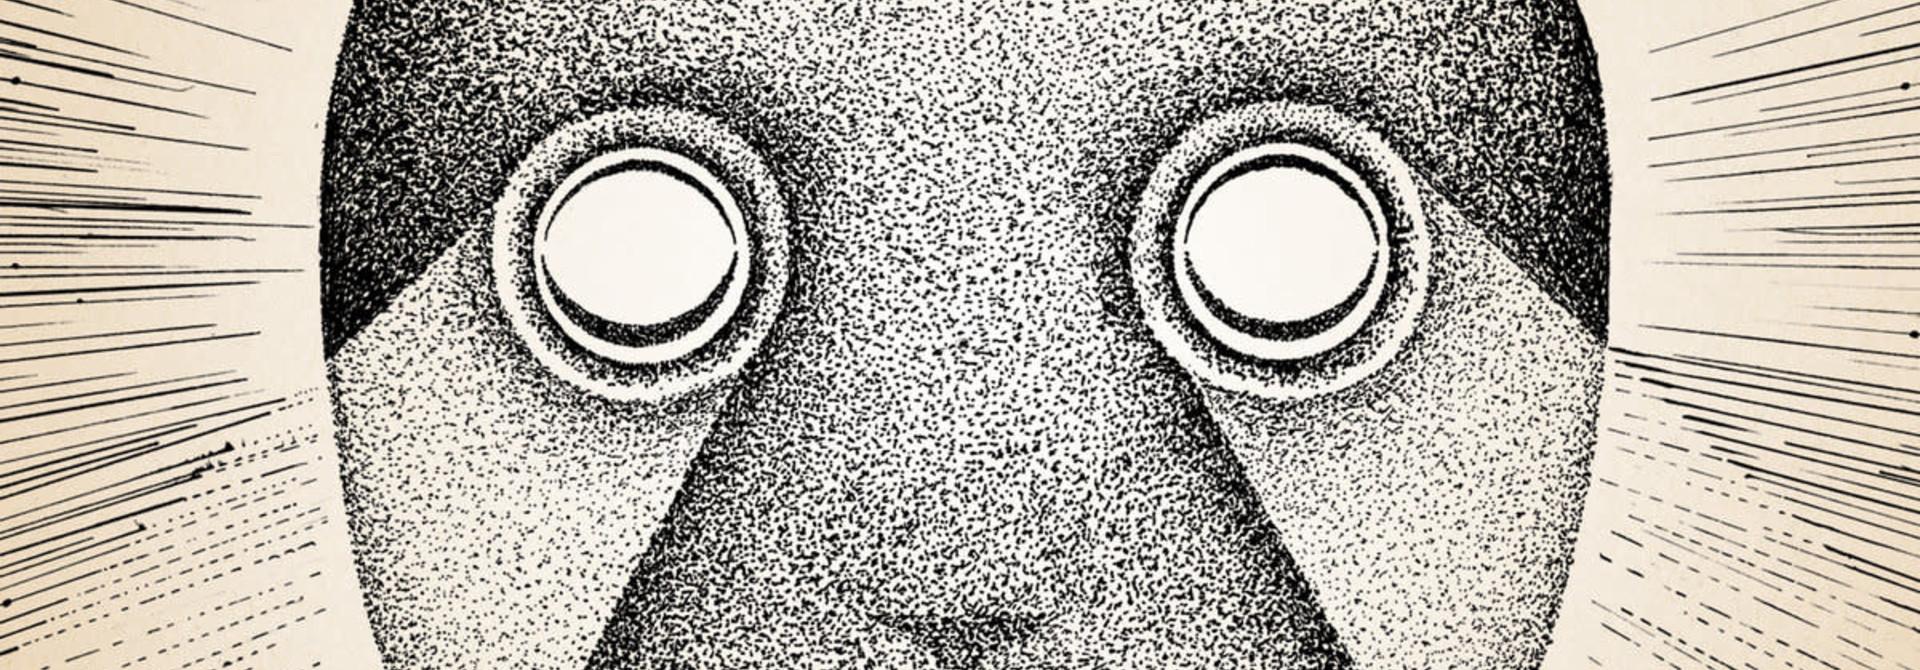 Gossamer • Automaton